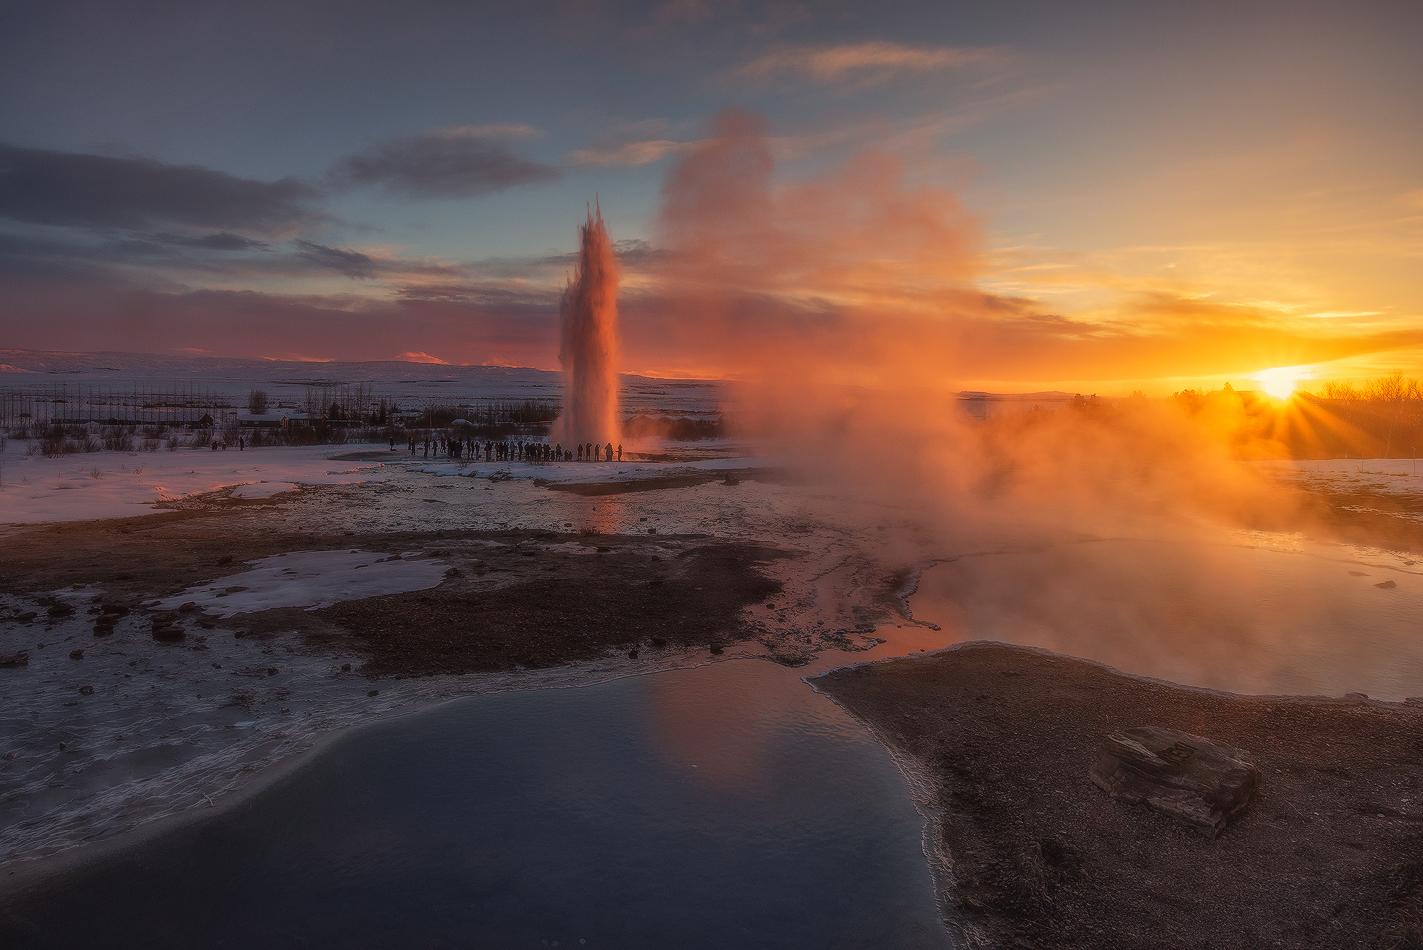 Strokkur sprøjter kogende vand op i luften ved solopgang.